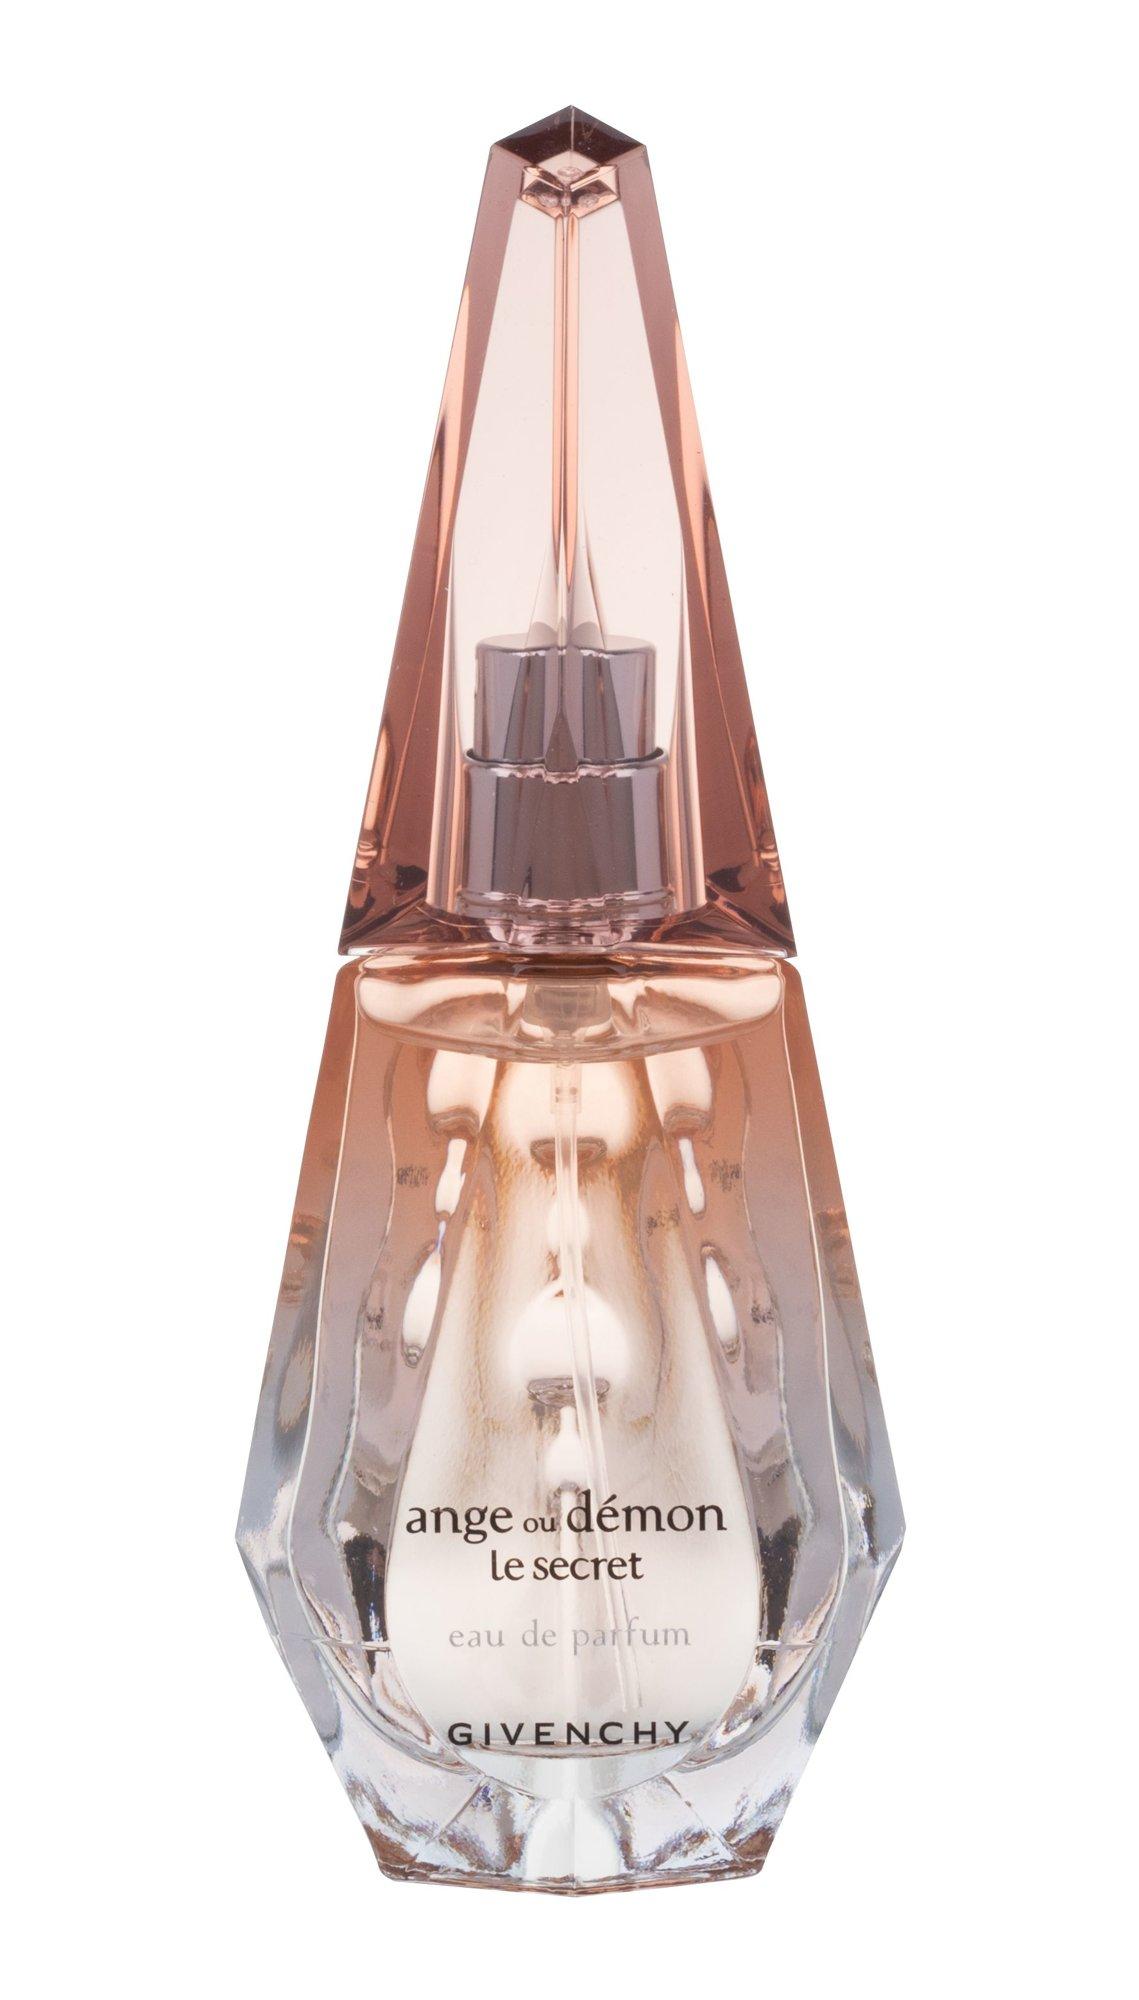 Givenchy Ange ou Demon (Etrange) Eau de Parfum 30ml